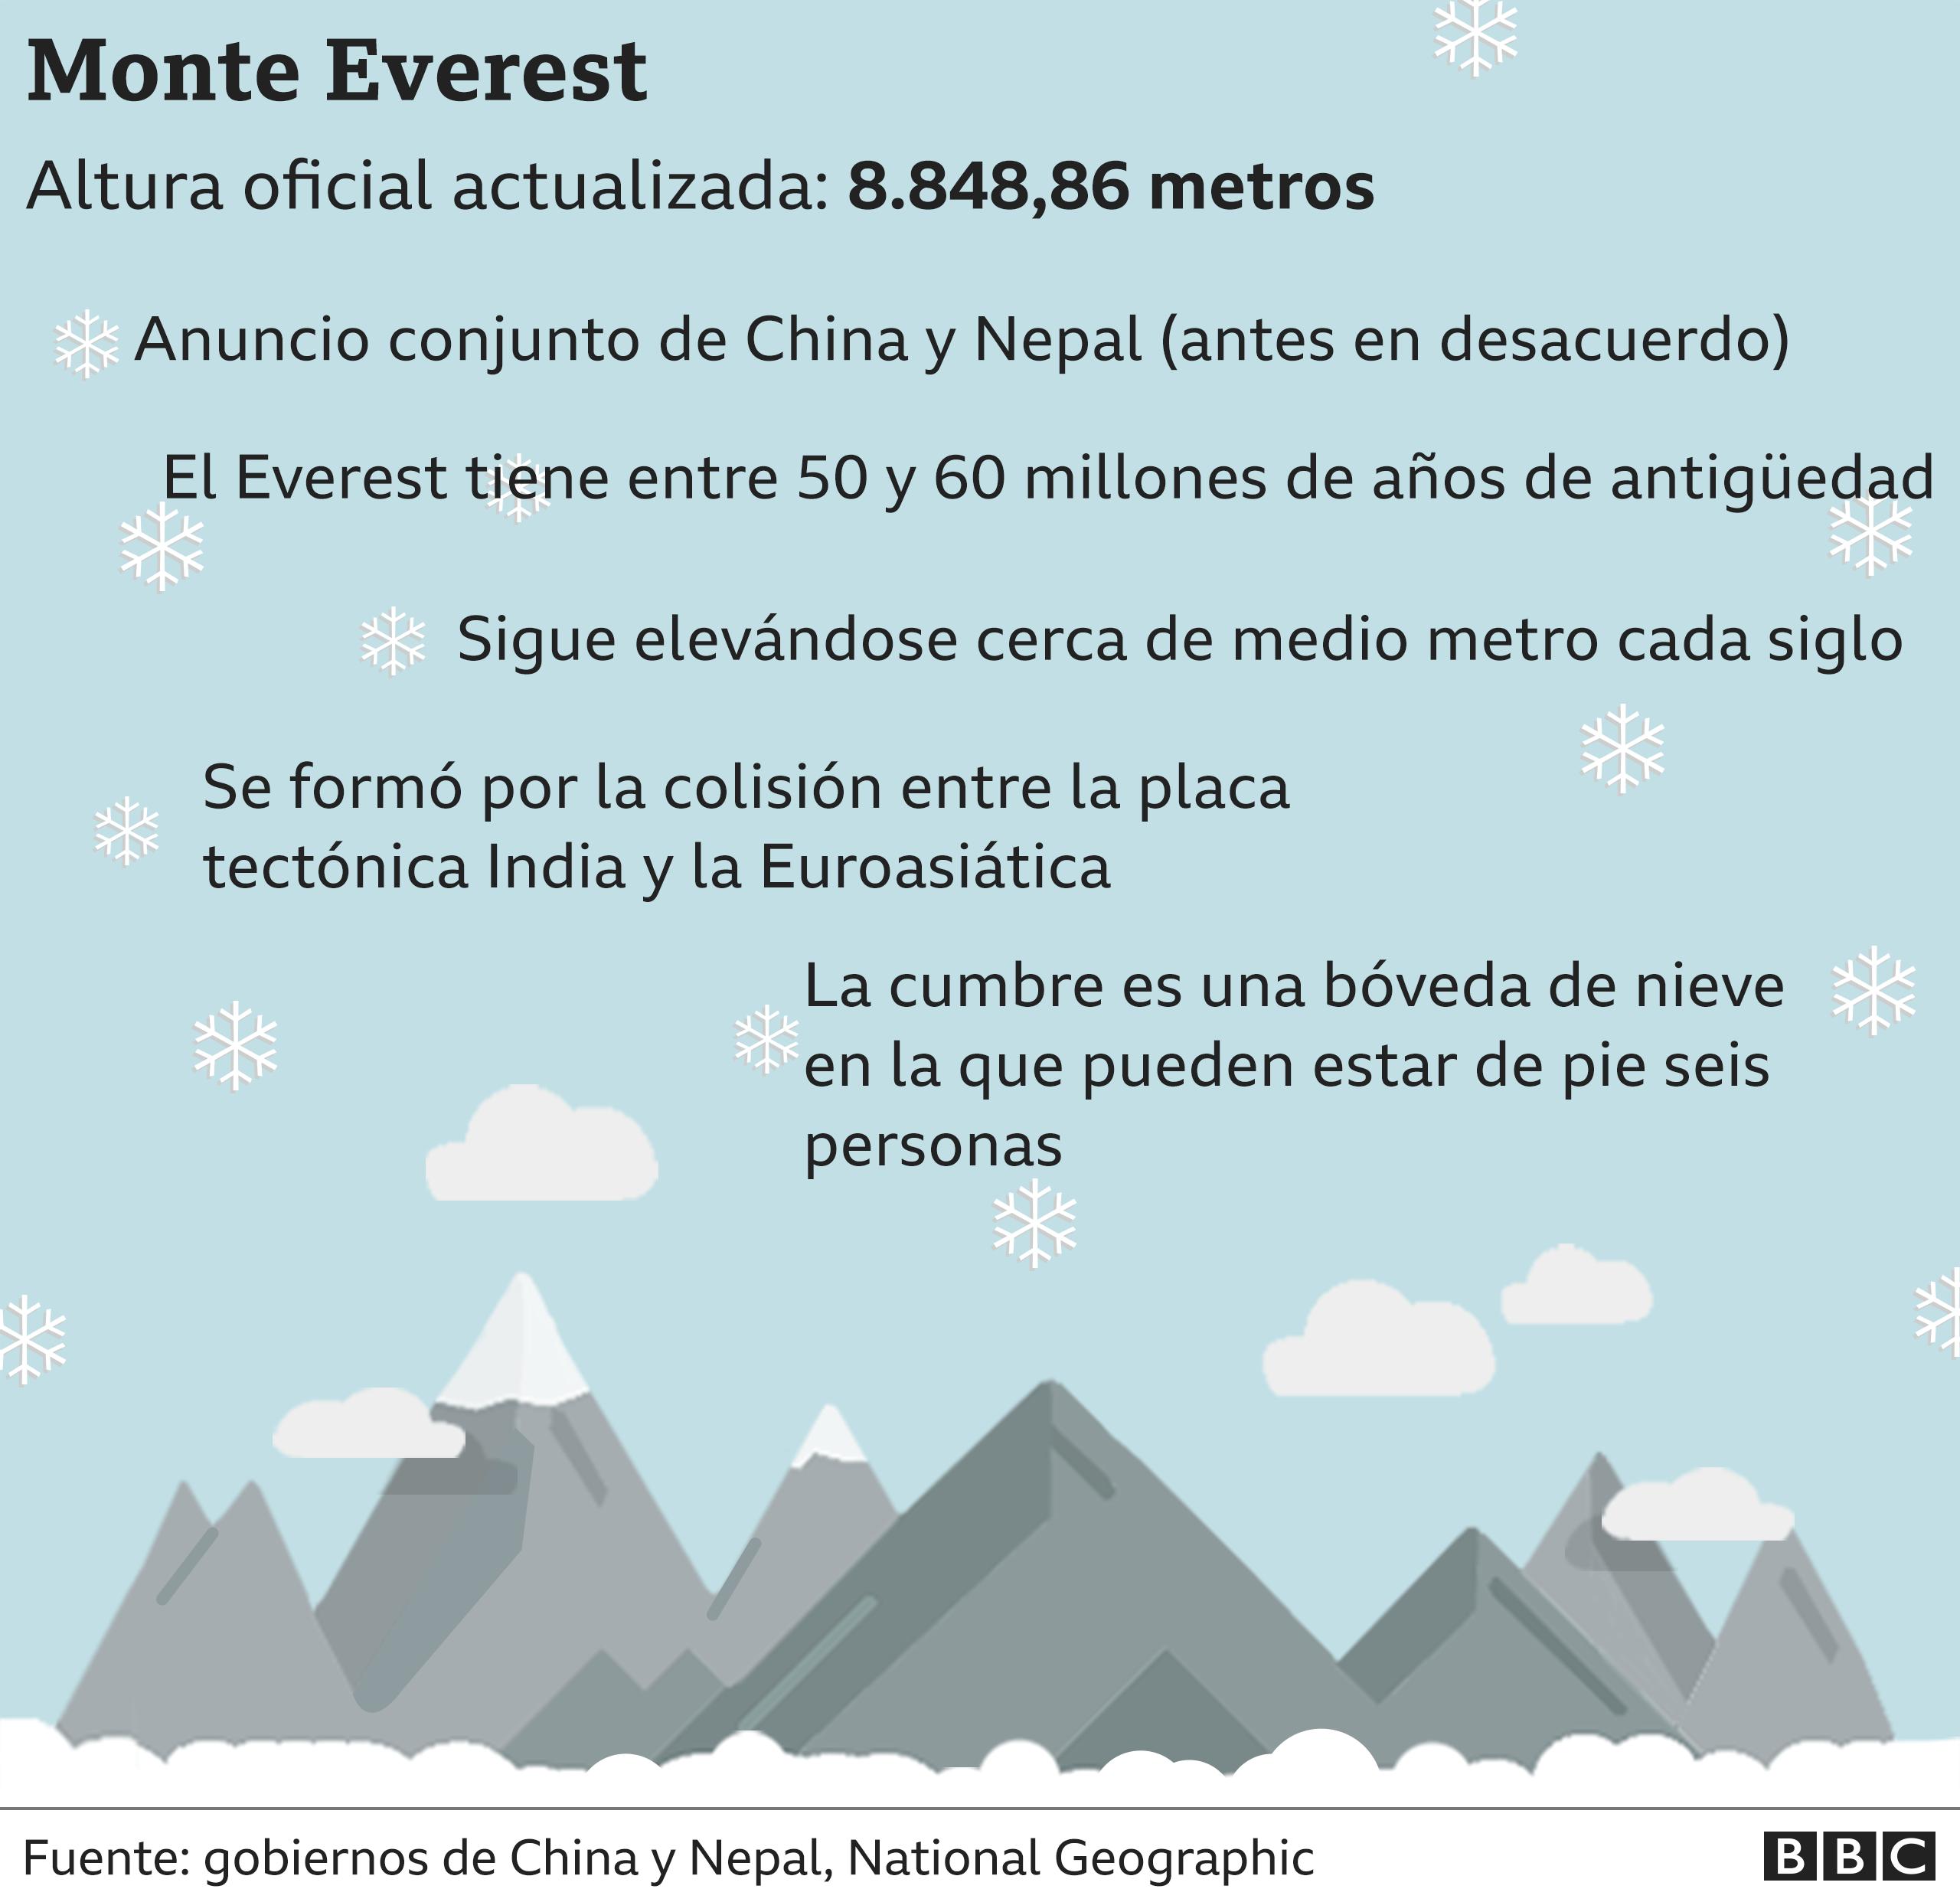 Gráfico con los siguientes datos: el Everest se formó por la colisión entre la placa tectónica India y la Euroasiática, sigue elevándose cerca de medio metro cada siglo, la montaña tiene entre 50 y 60 millones de años de antigüedad, la cumbre es una bóveda de nieve en la que pueden estar de pie seis personas